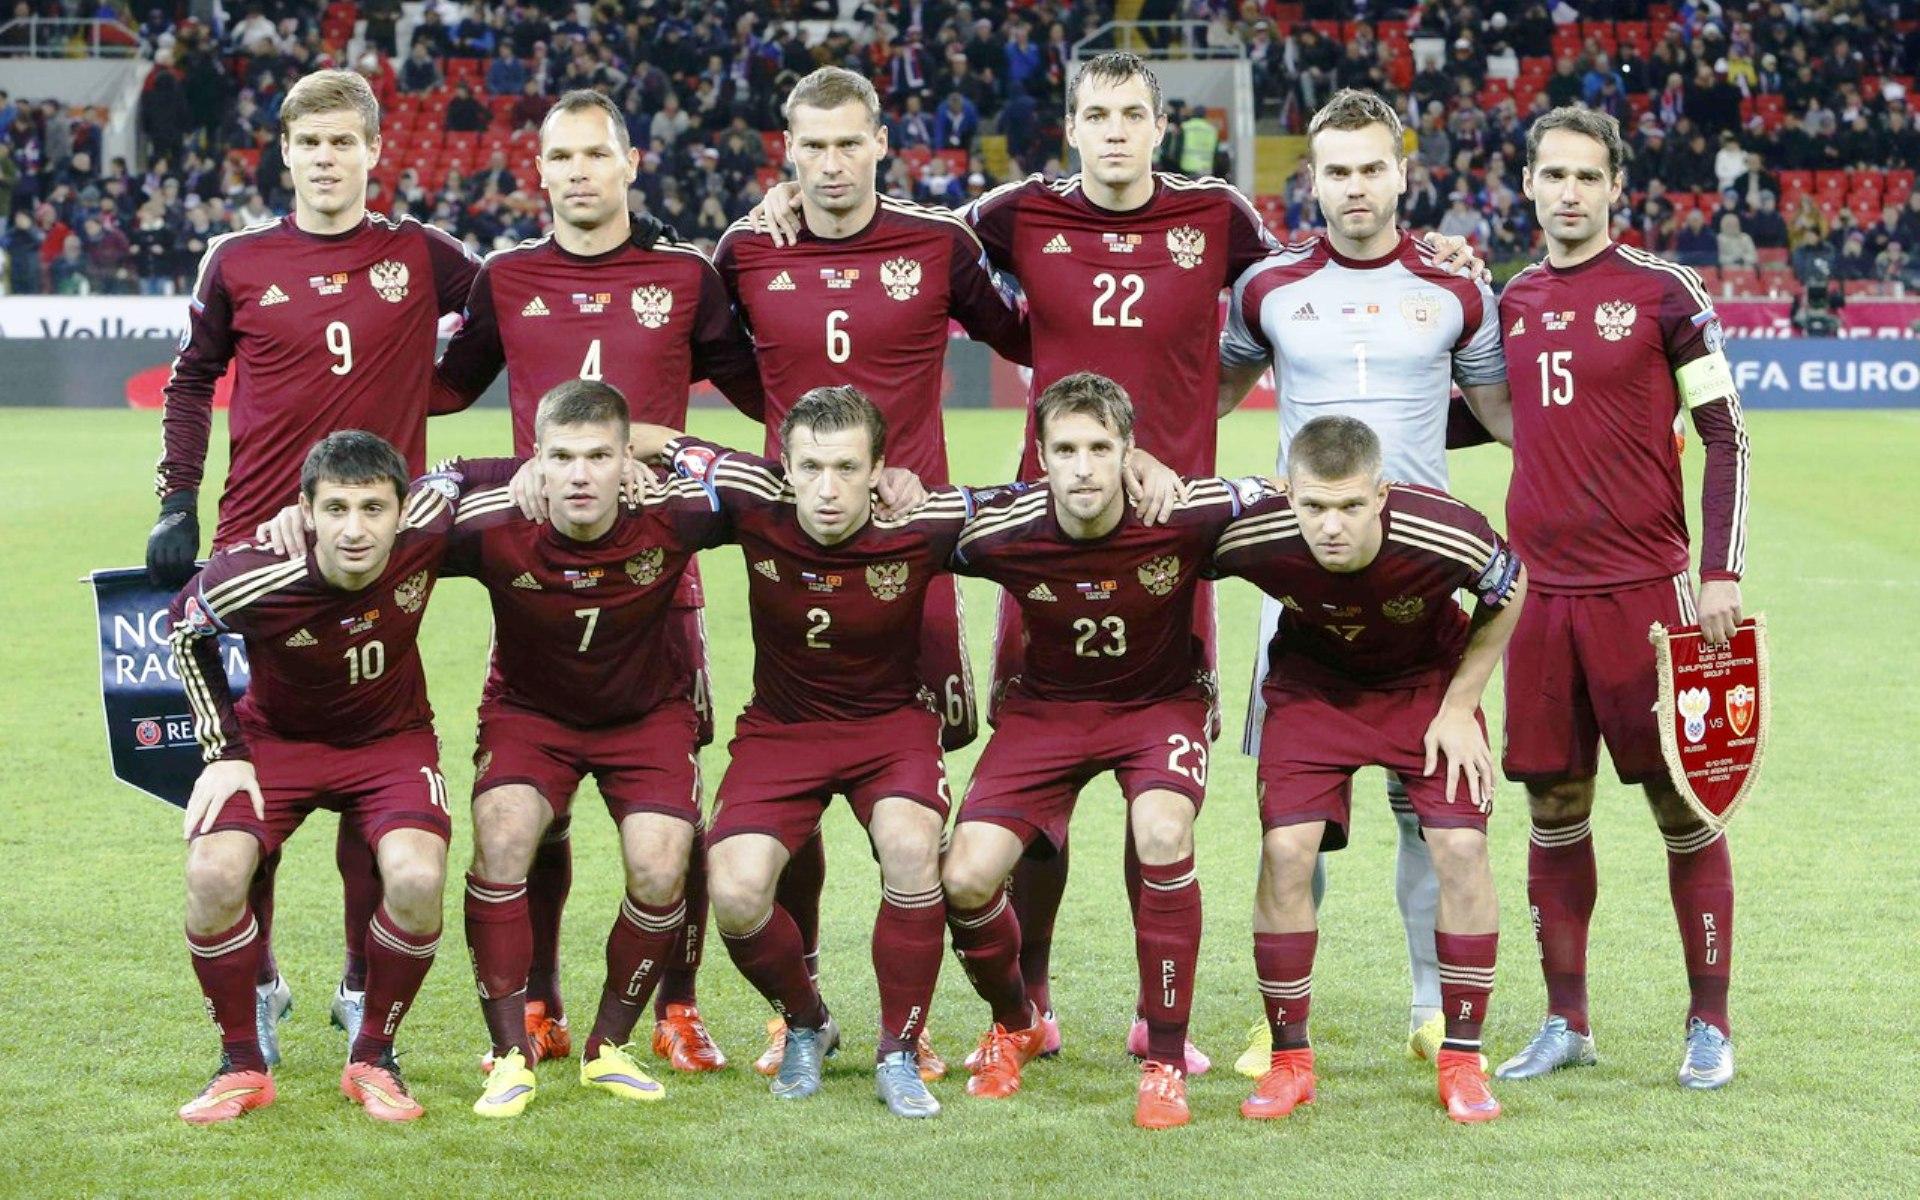 Стал известен девиз сборной России на Euro-2016